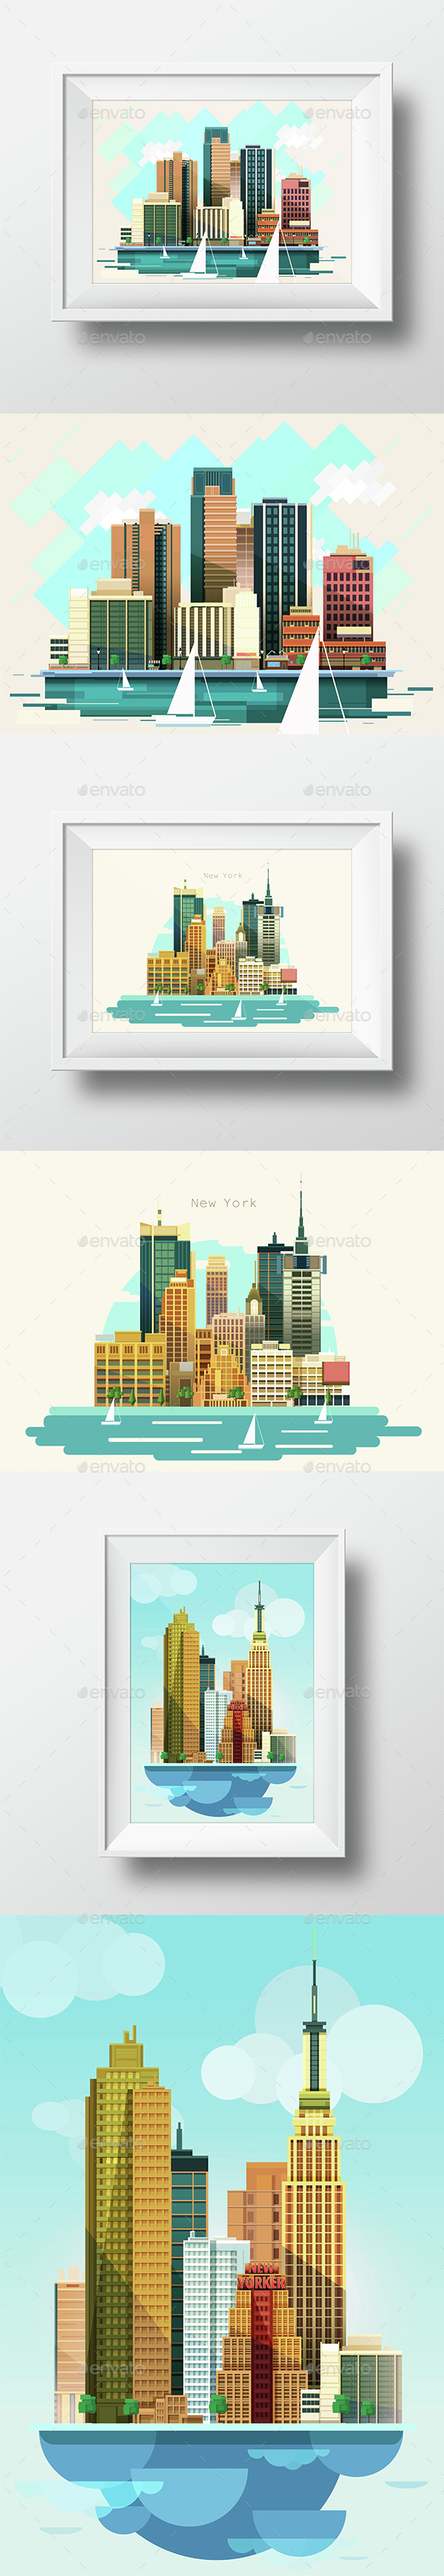 3  City Landscape Flat Style - Travel Conceptual